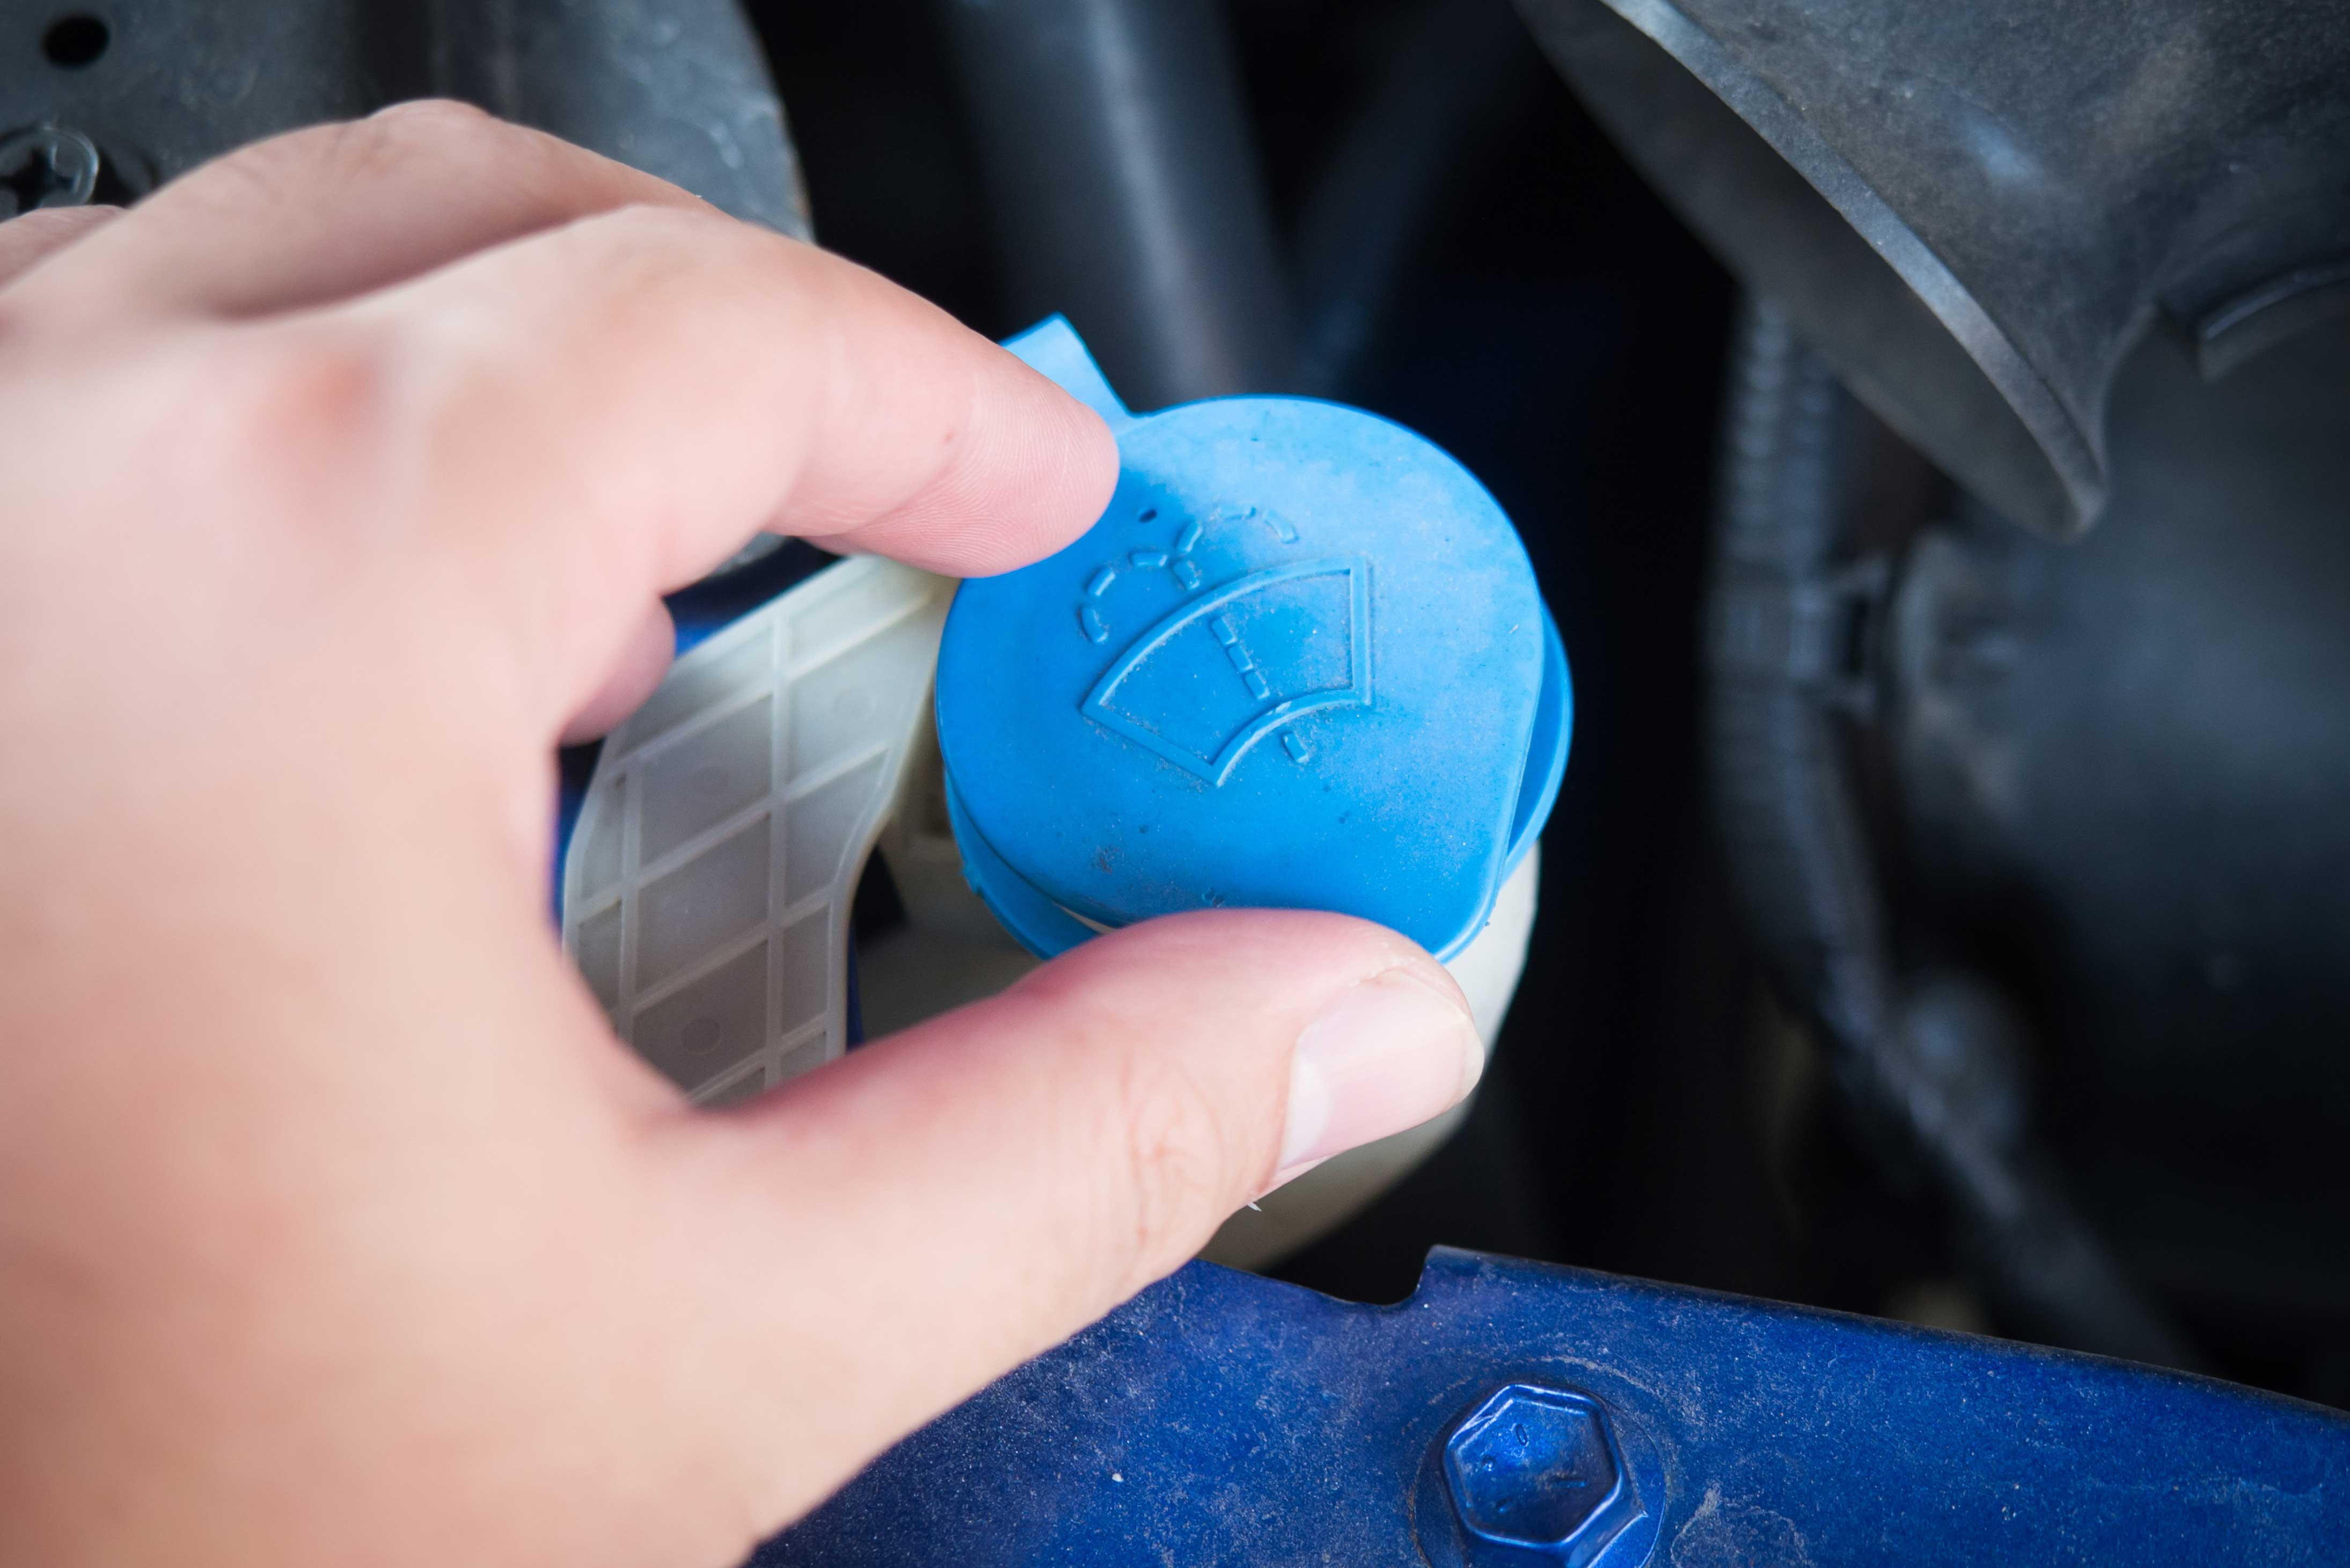 Viaje en carretera: Semana Santa 2018: rellenar líquido limpiaparabrisas del coche